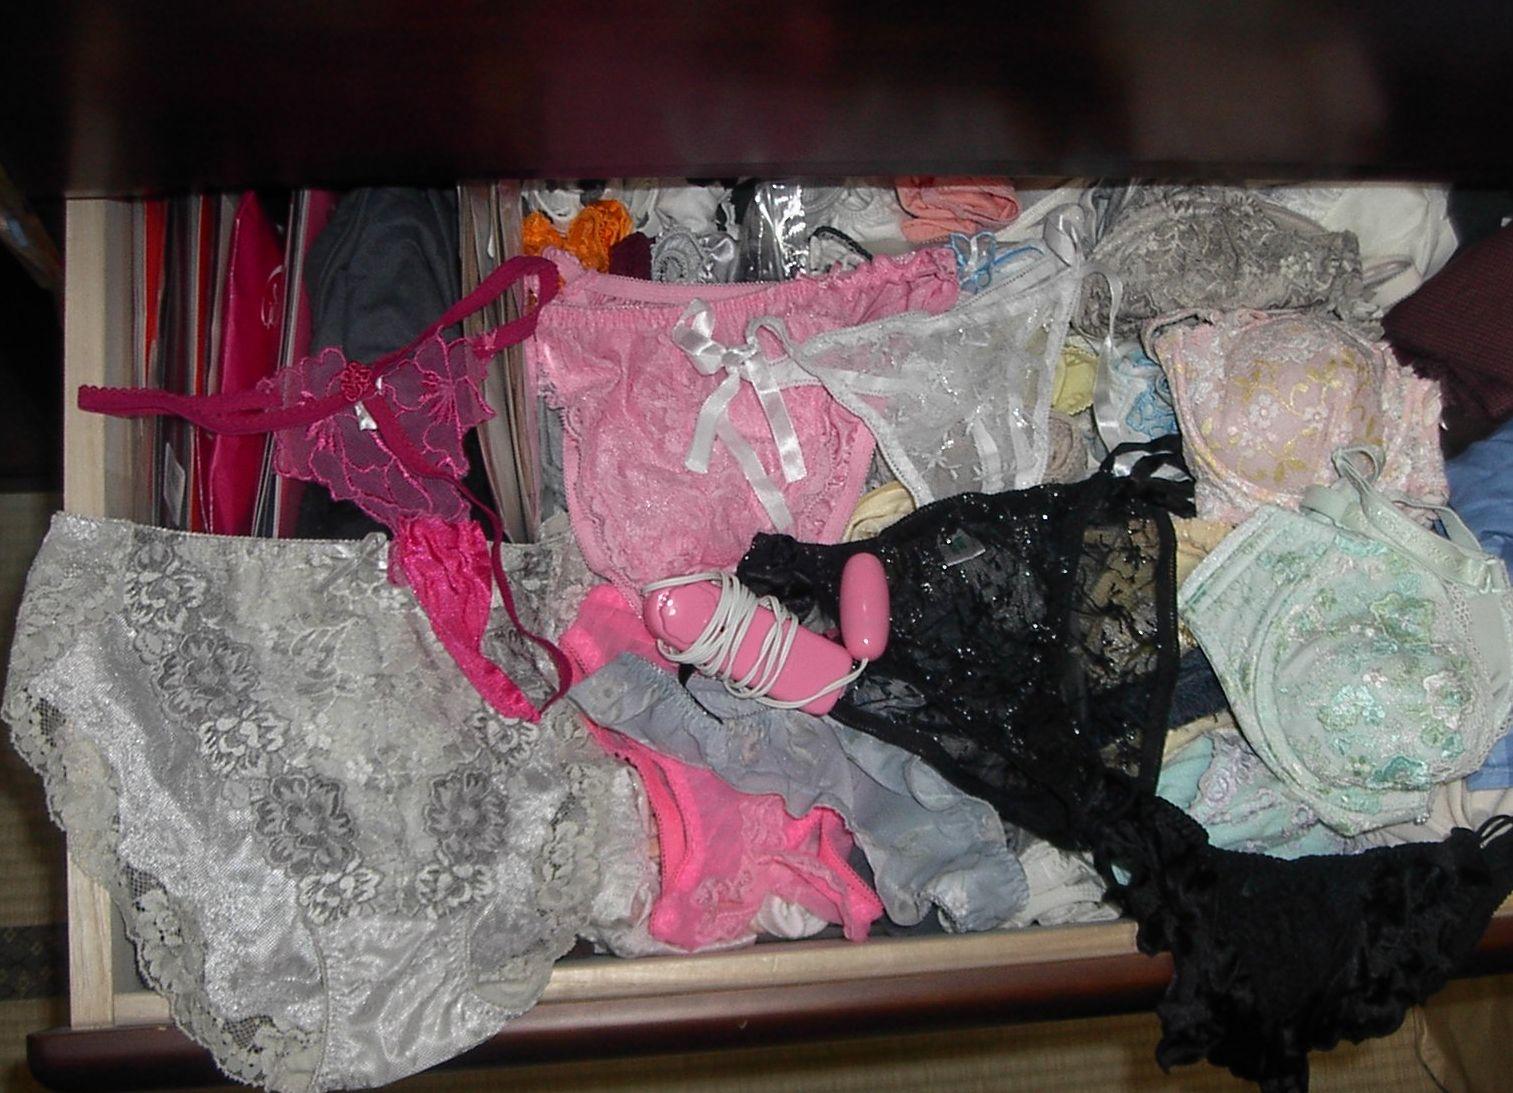 姉のタンスの中の下着の下に極太バイブ盗撮エロ画像4枚目